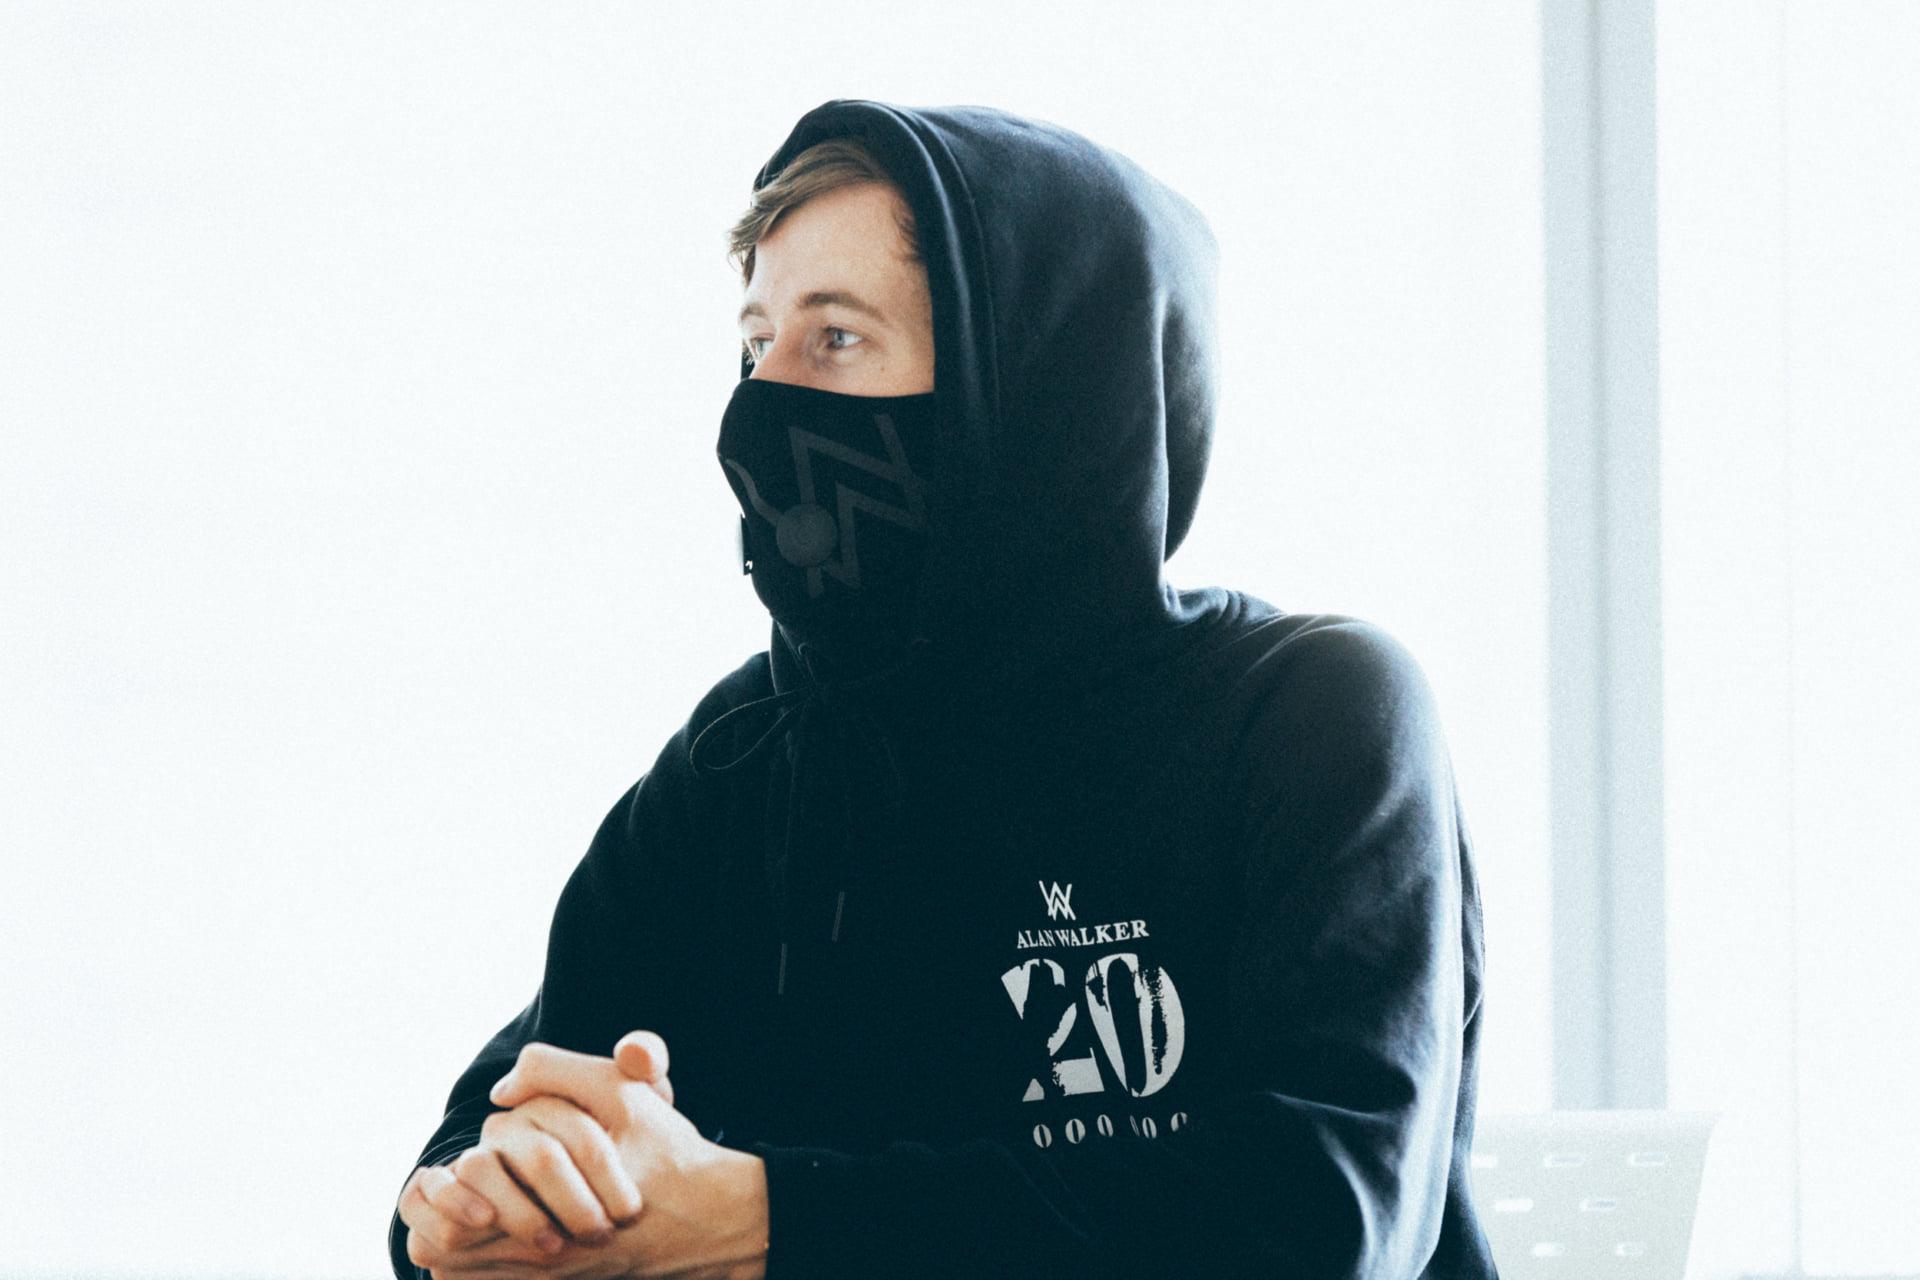 アラン・ウォーカー インタビュー|21歳のEDMプロデューサーが考えるネット上のコミュニティと可能性 interview1901-alan-walker-2-1920x1280